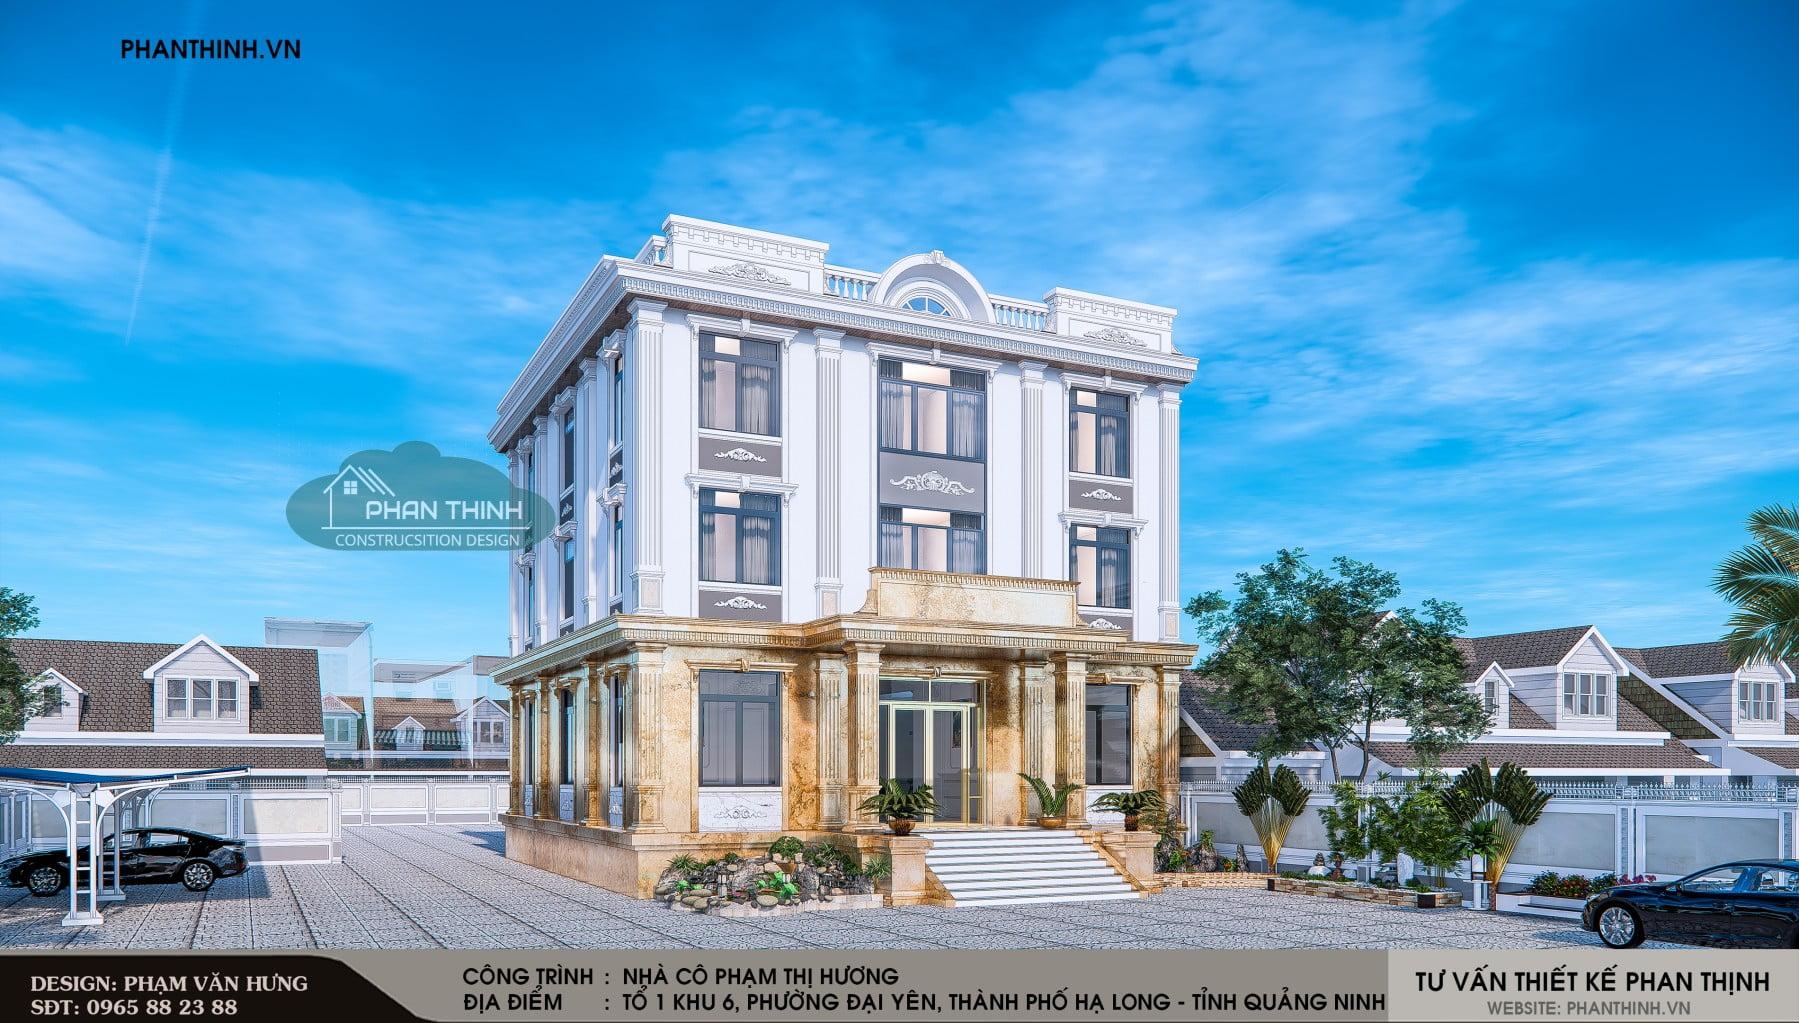 Phương án mặt tiền căn nhà 3 tầng mang tân cổ điển tại Phường Đại Yên, thành phố Hạ Long, tỉnh Quảng Ninh.